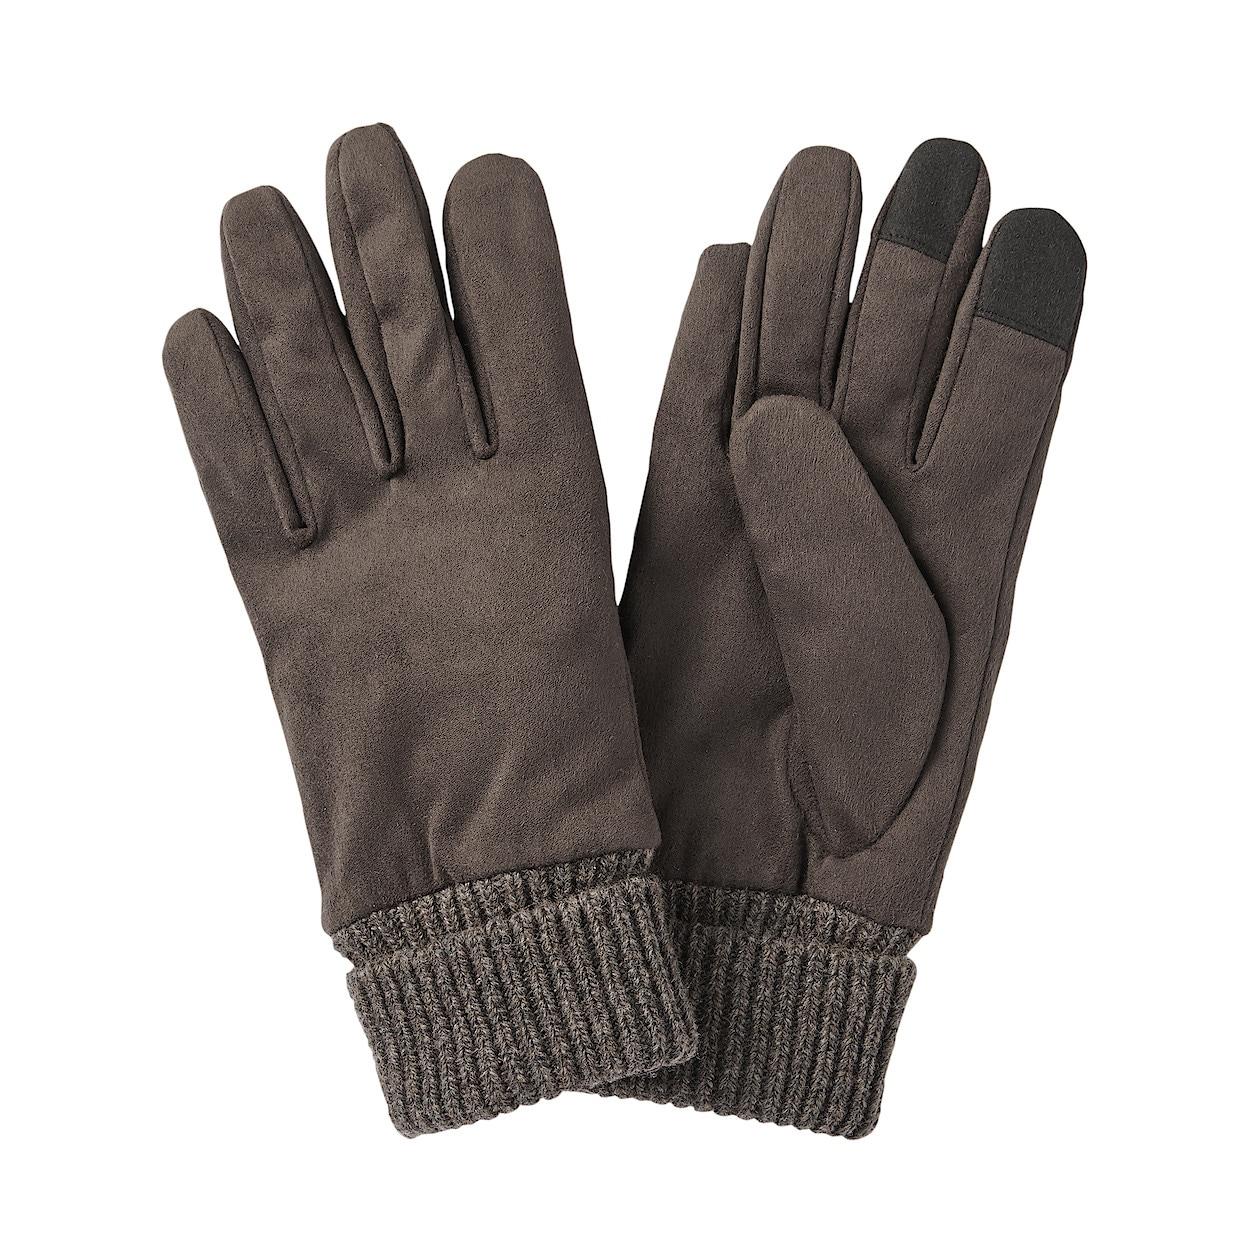 スマホ対応手袋のおすすめ18選!指紋認証対応や薄手タイプも